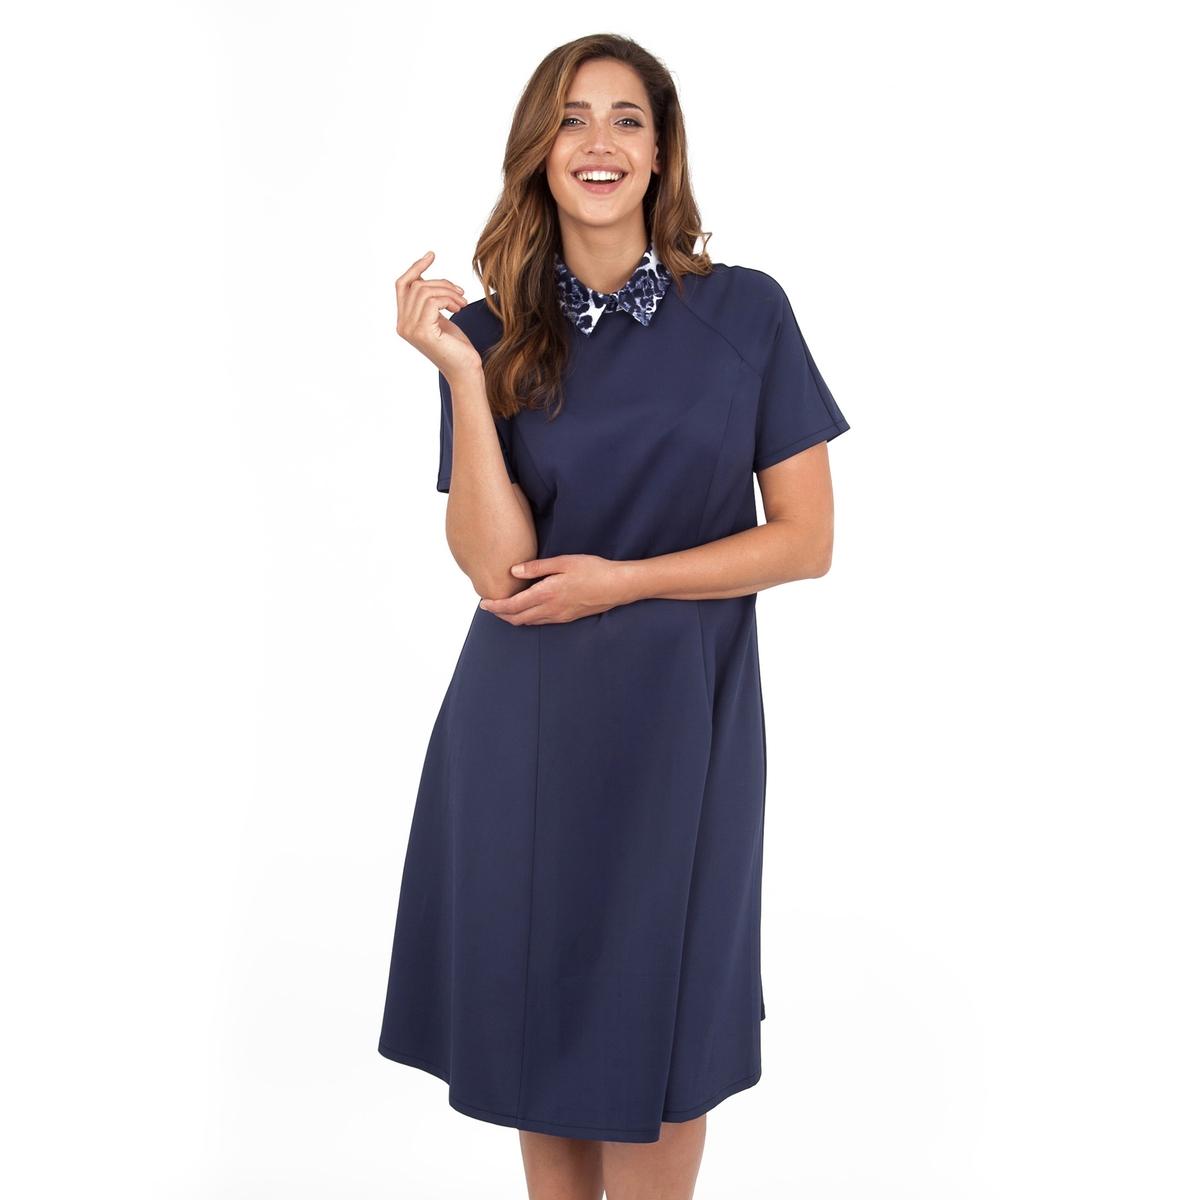 ПлатьеПлатье с короткими рукавами - KOKO BY KOKO. Воротник с узором. Длина ок.104 см. 100% полиэстера.<br><br>Цвет: синий морской<br>Размер: 50/52 (FR) - 56/58 (RUS)